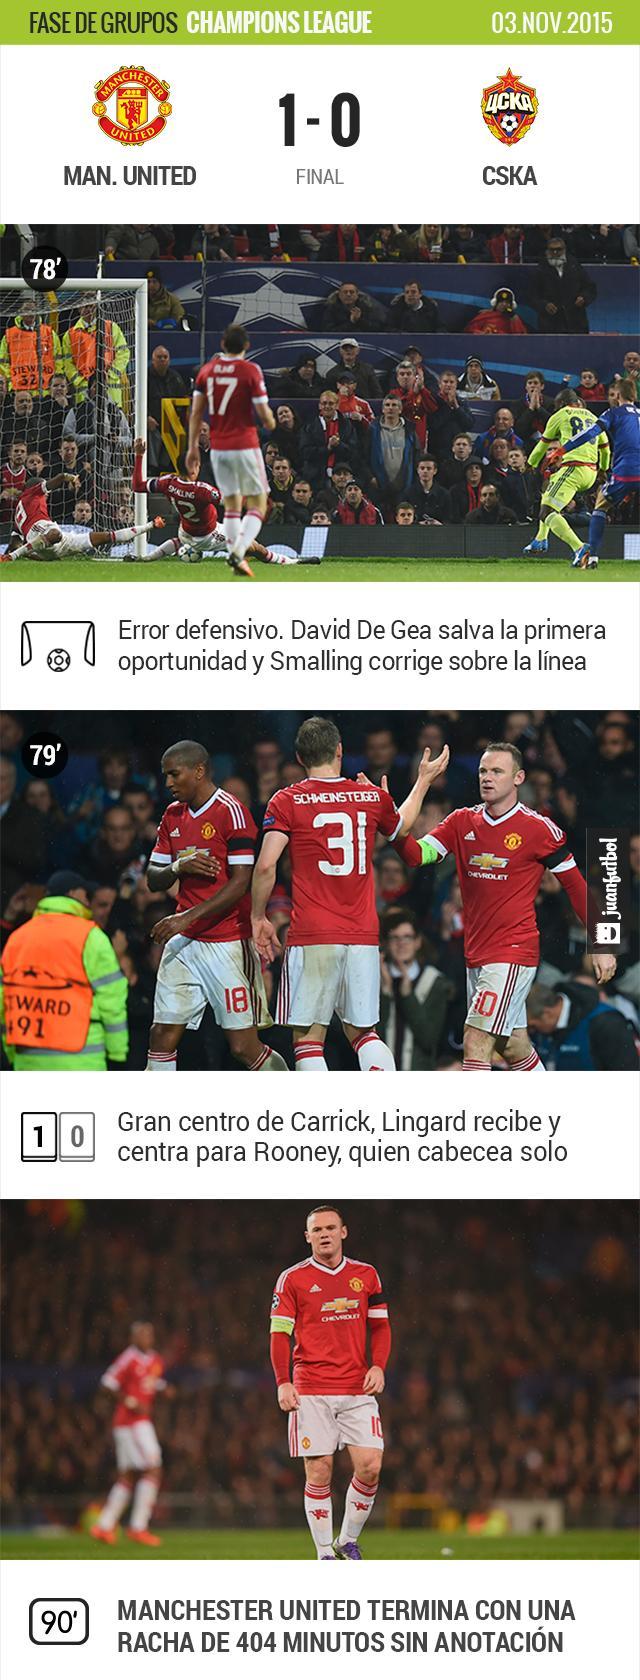 Manchester United vence por la mínima al CSKA de Moscú en Old Trafford